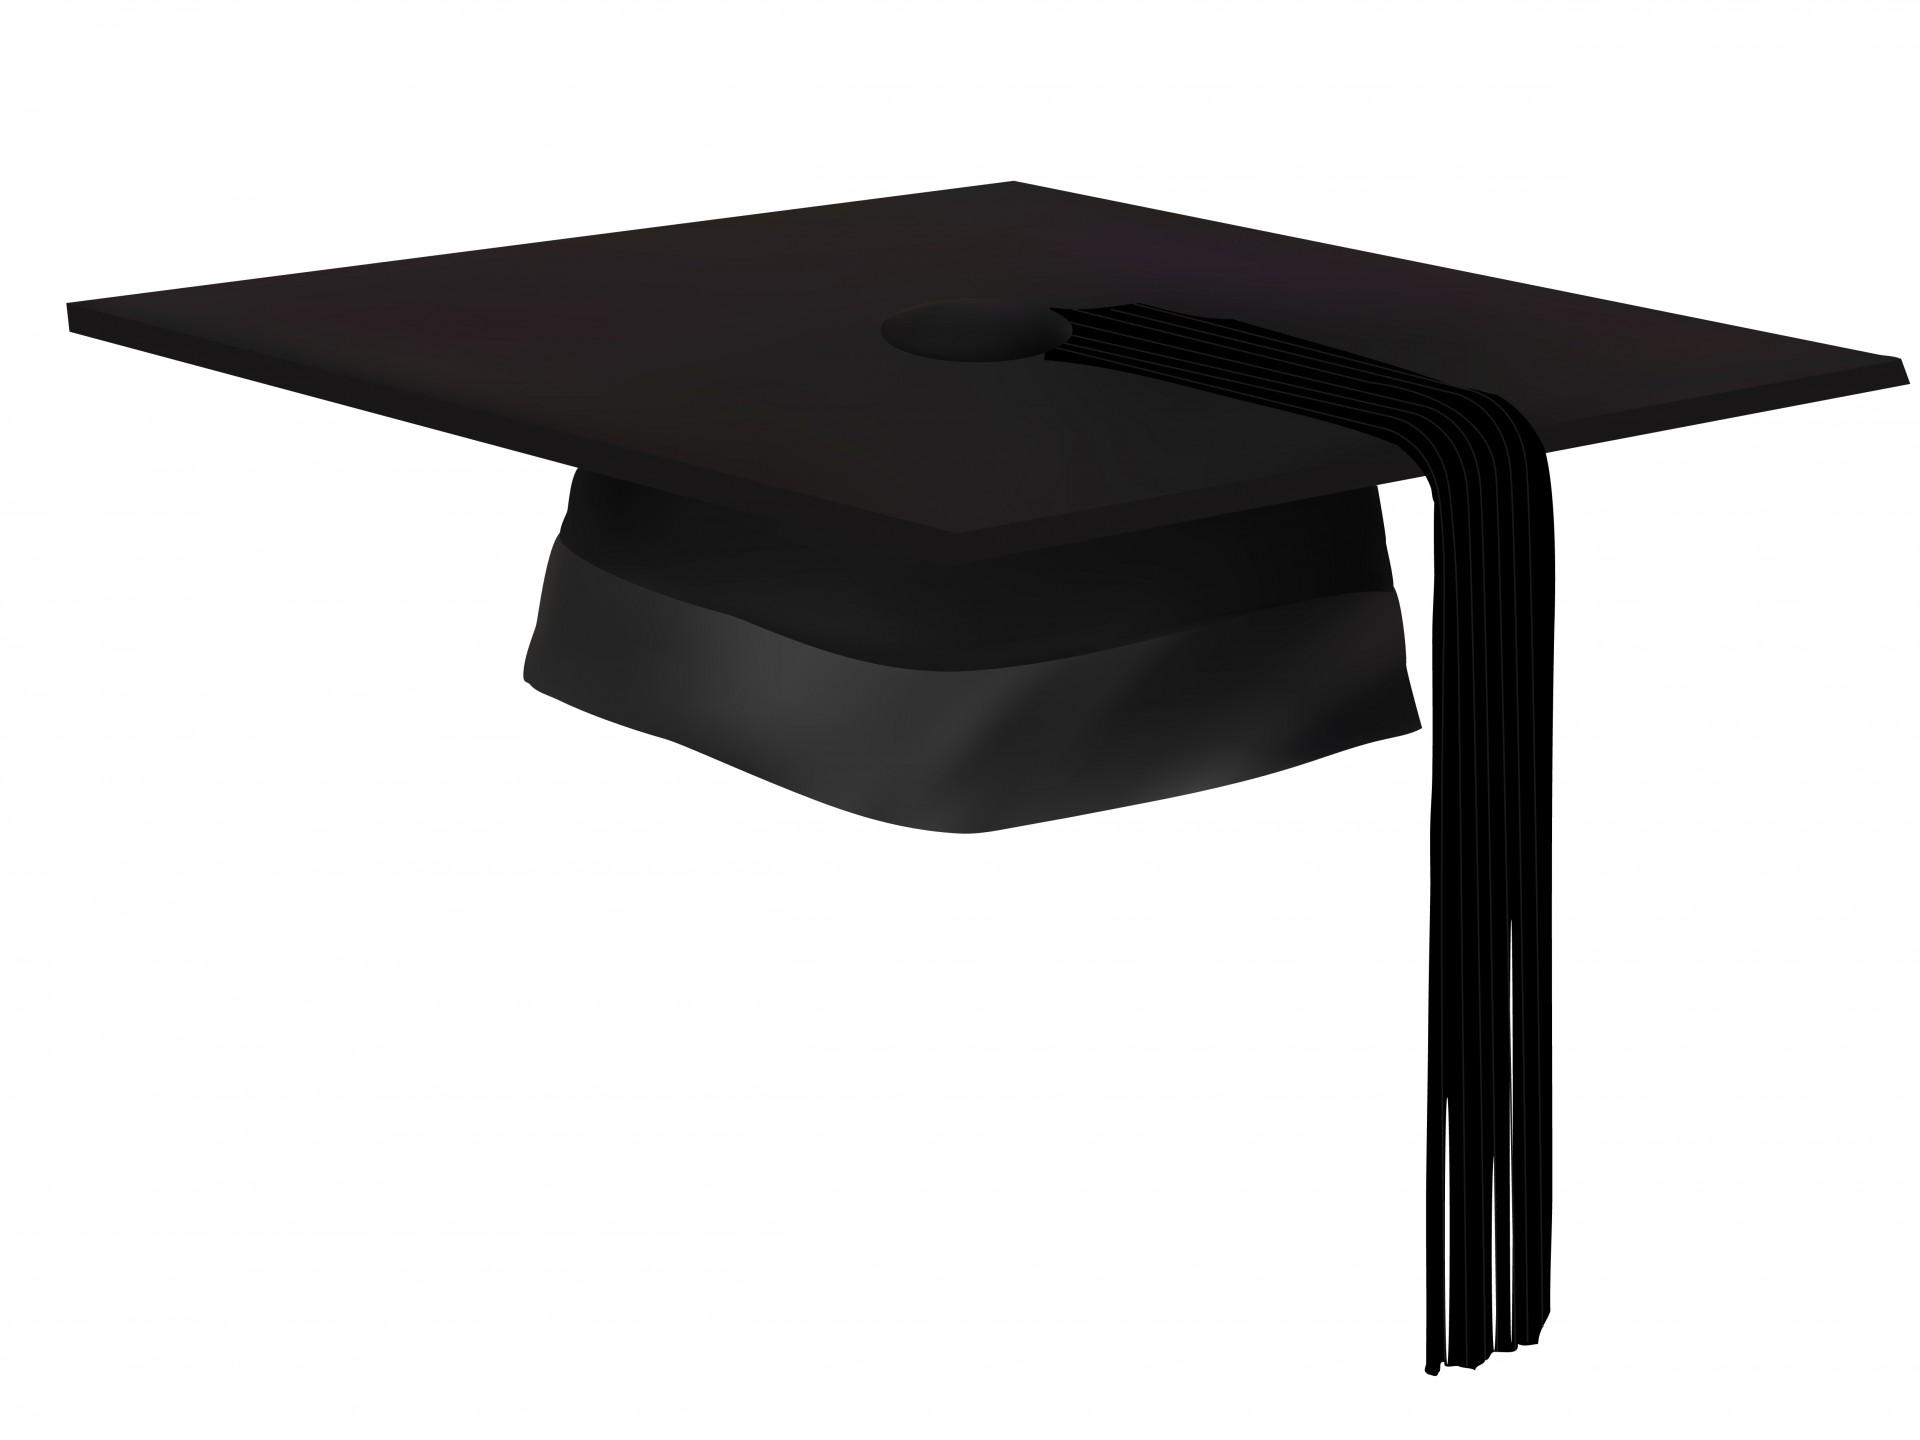 mortar-board-graduate-cap